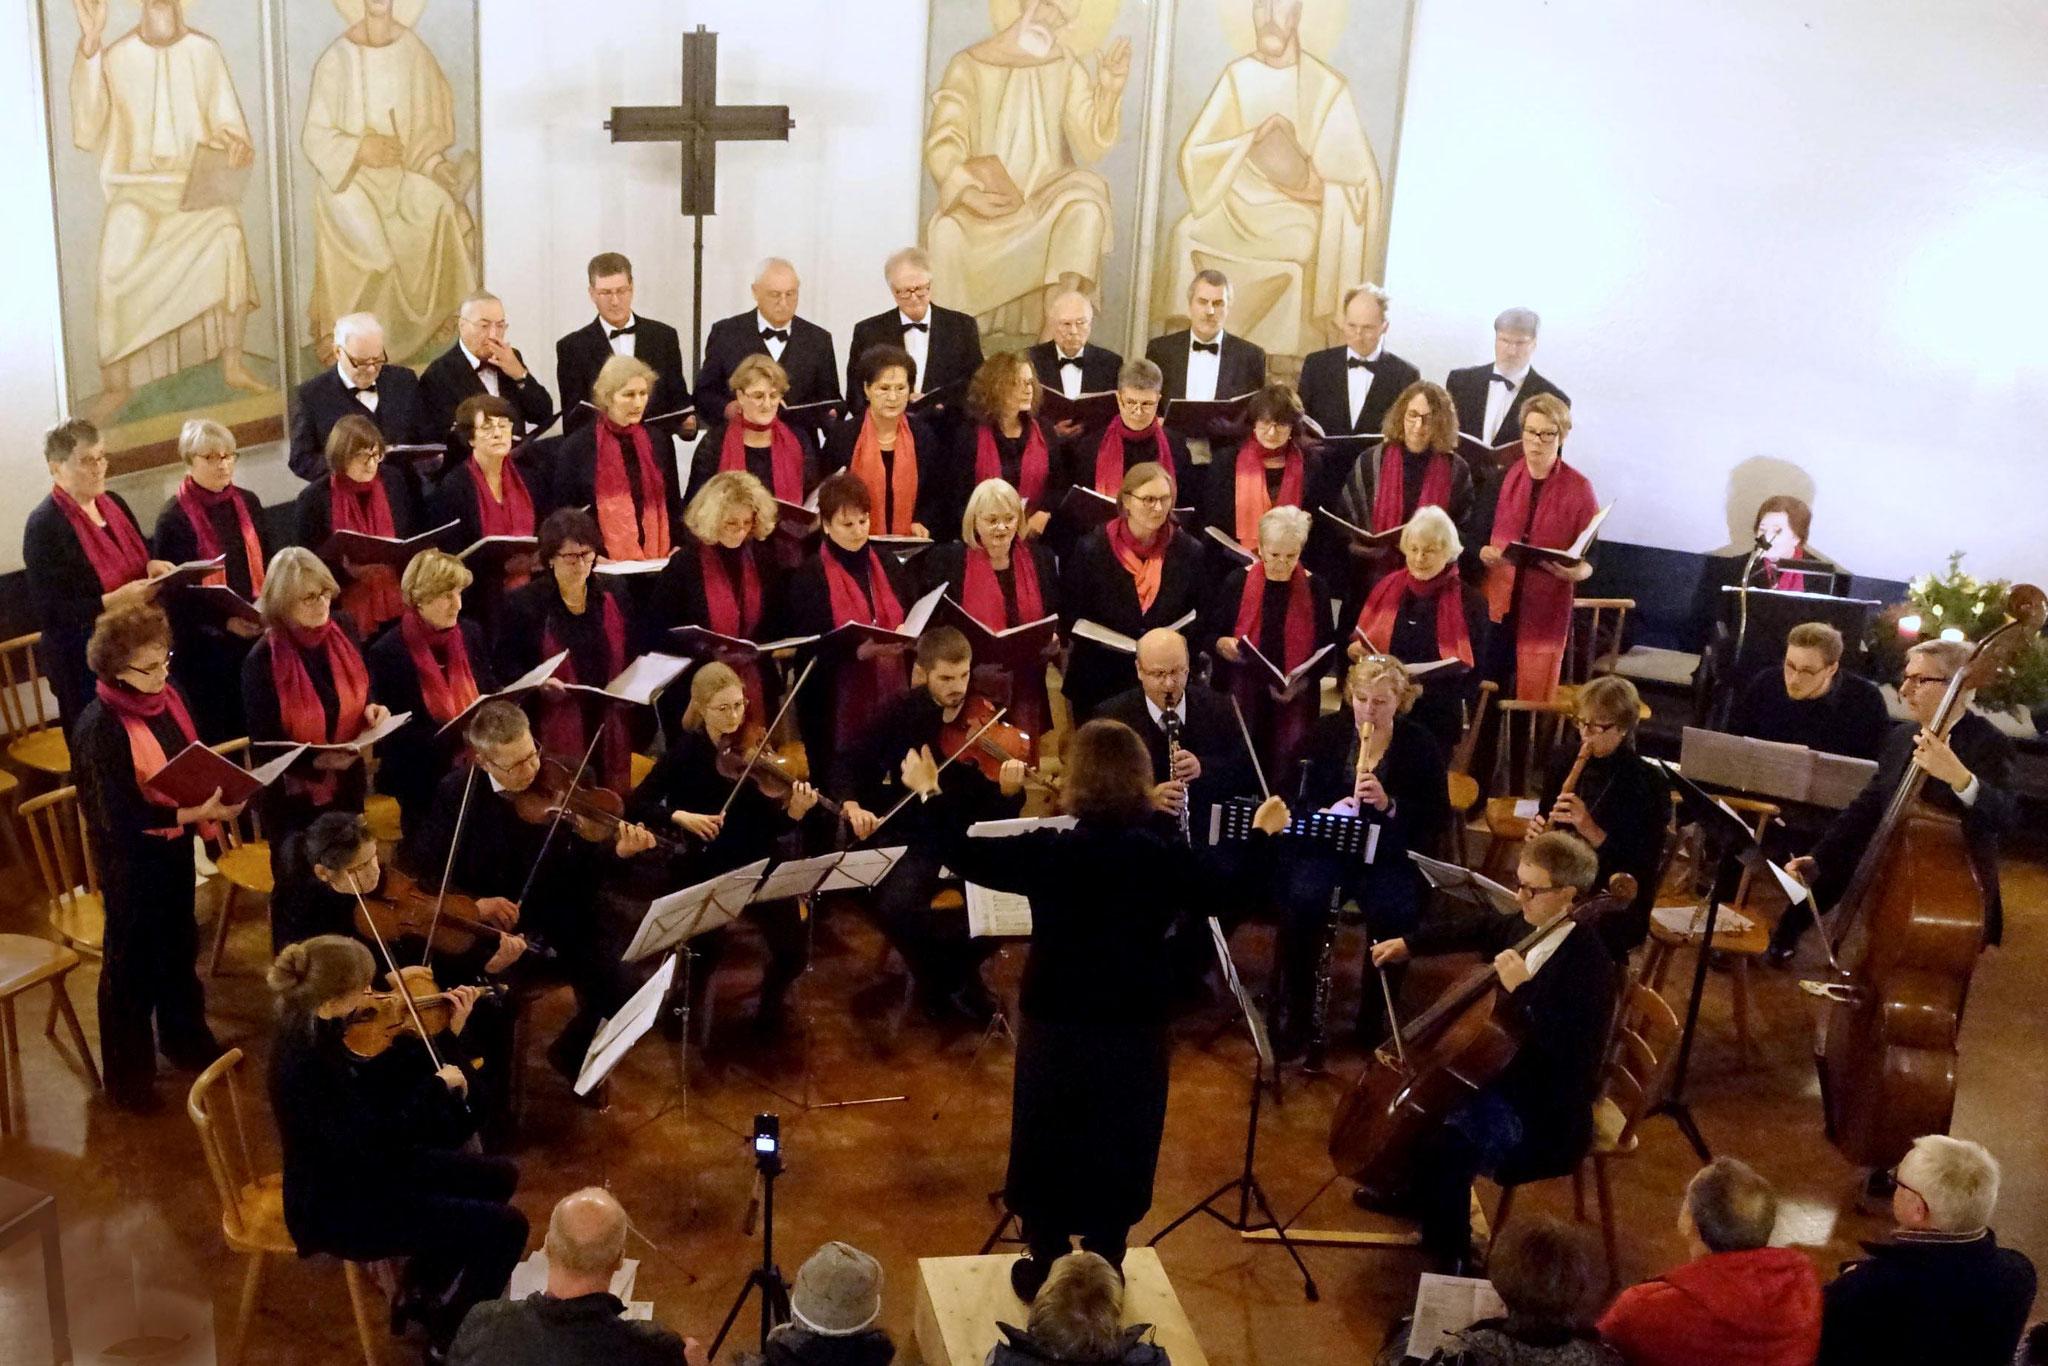 17. 12. 2017 - Weihnachtskonzert in der Evangelischen Kirche, Grafing